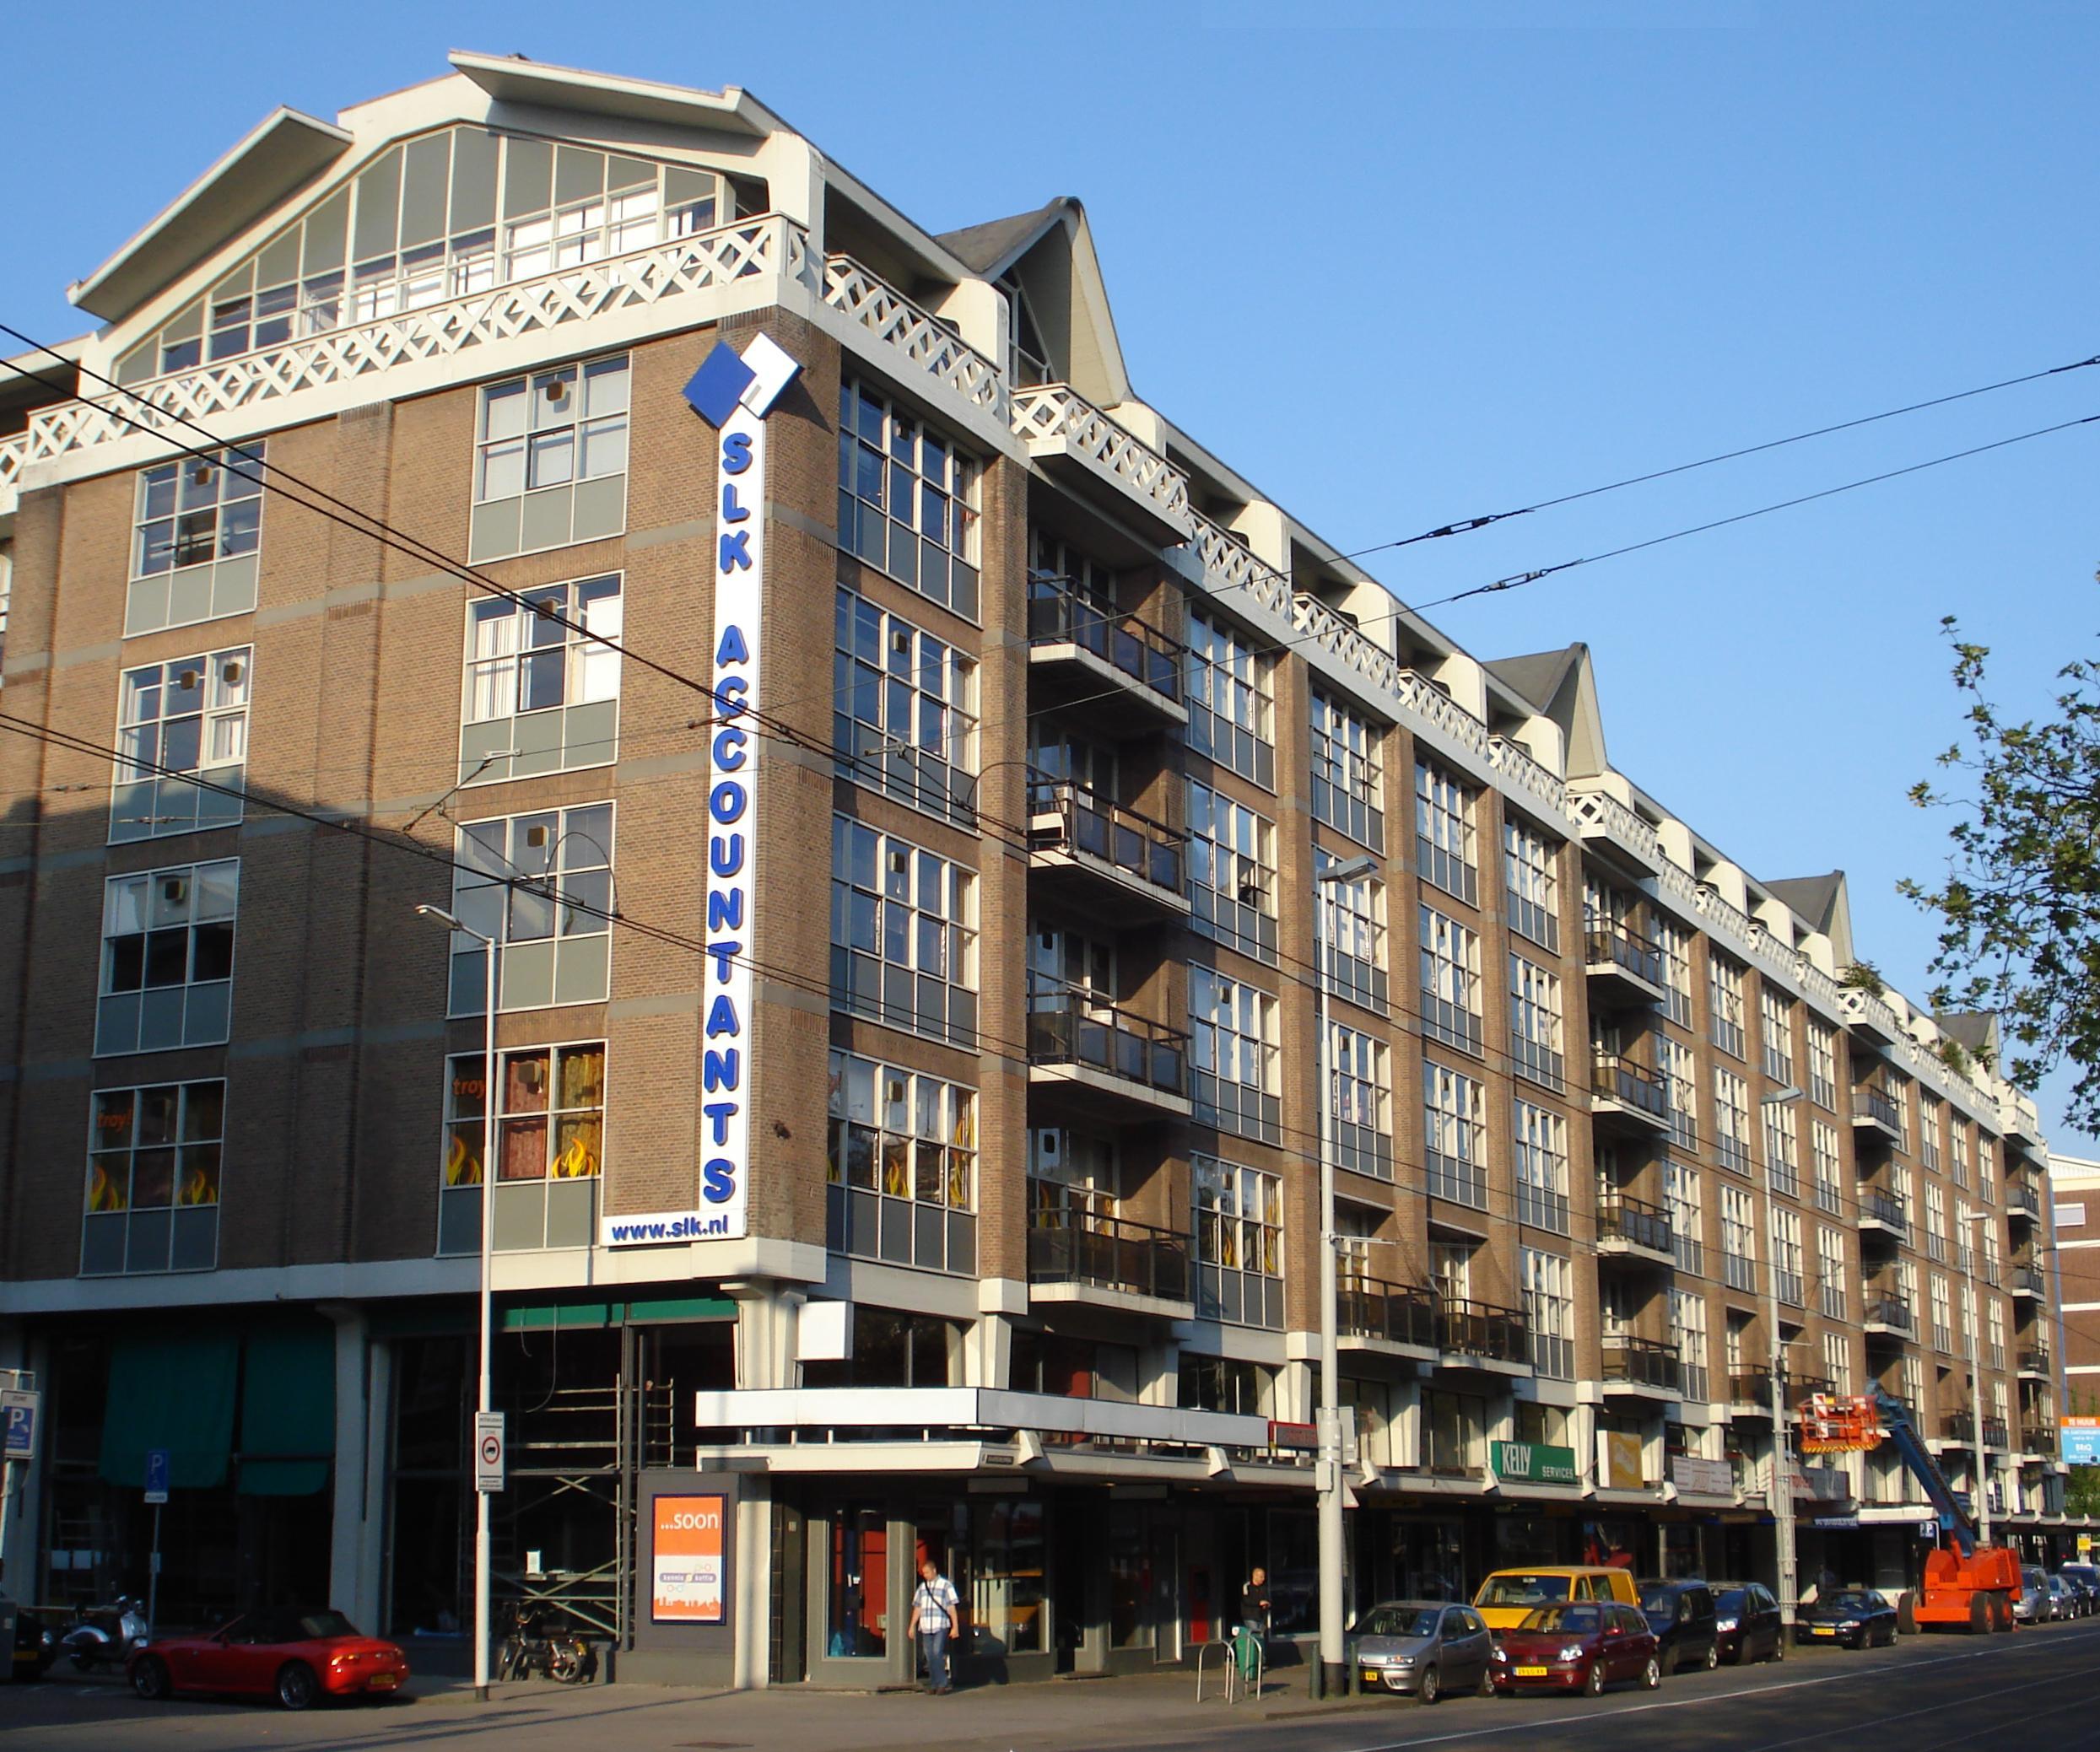 Bestand Rotterdam goudsesingel52 214 jpg   Wikipedia